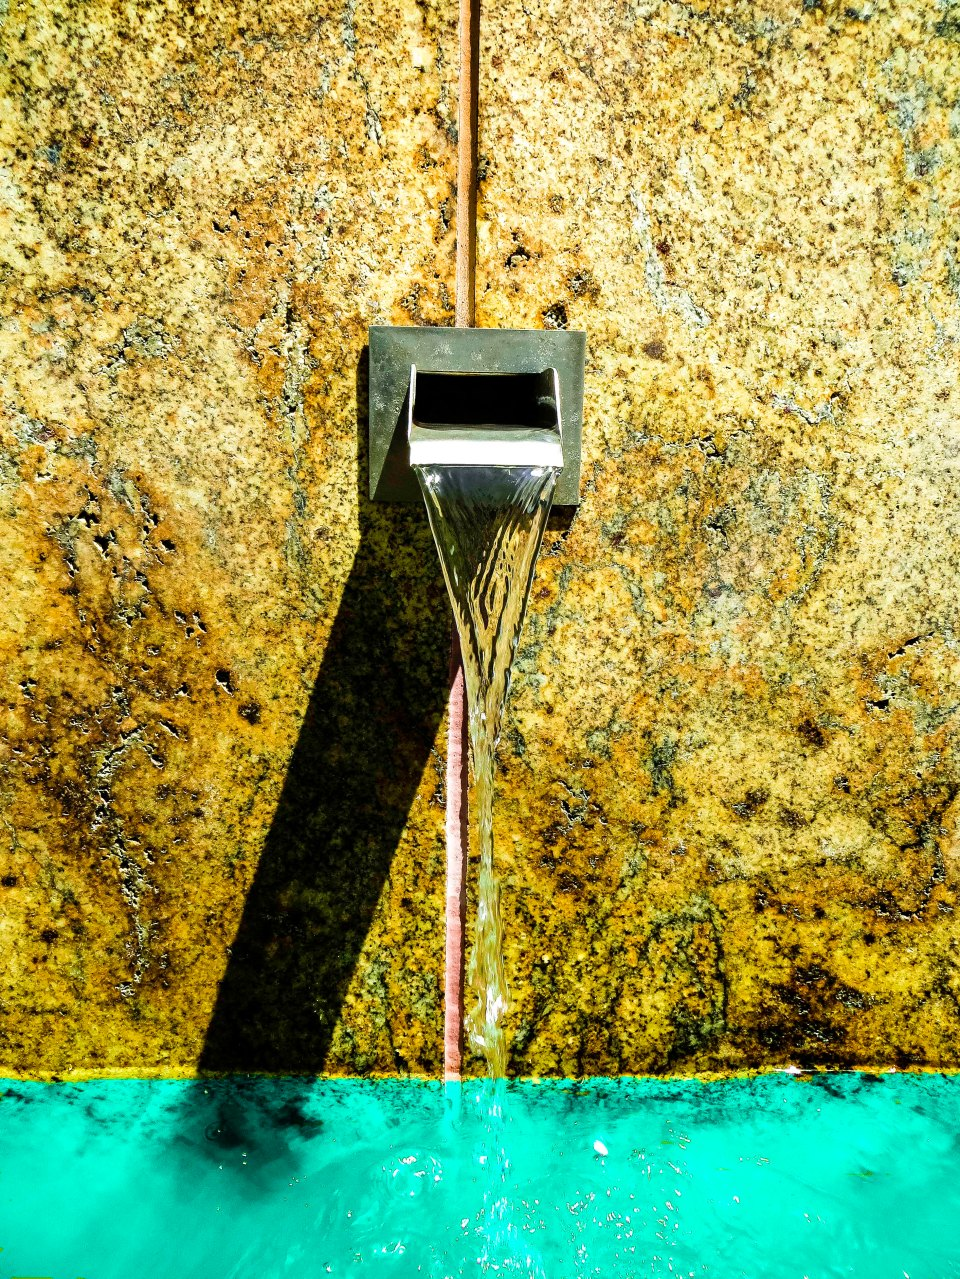 Fountain FLW 4444444 ggbbbbby